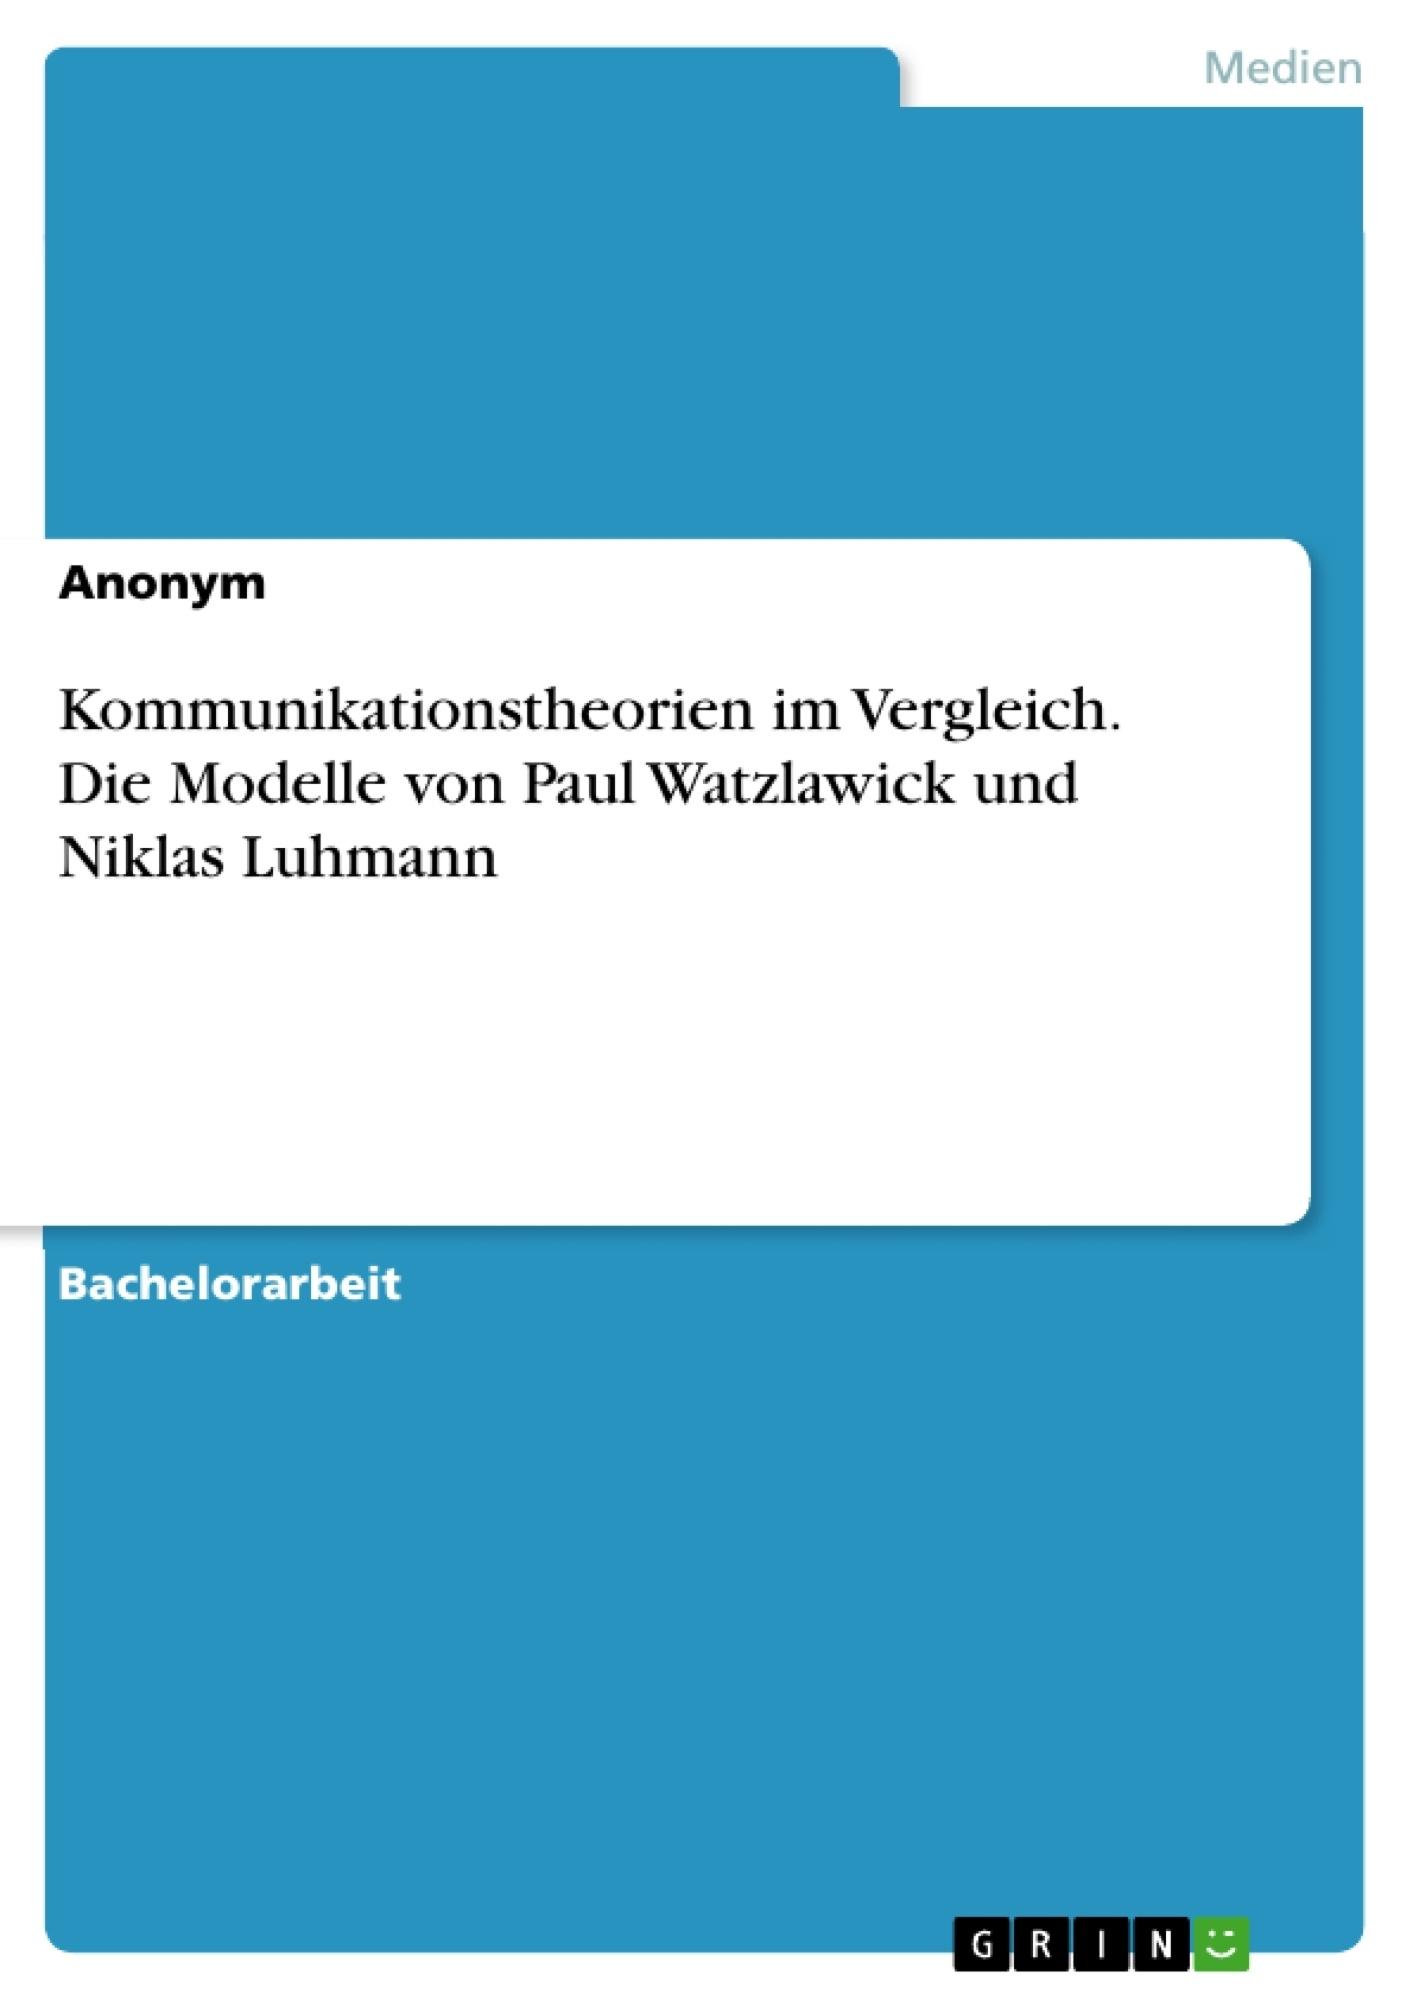 Titel: Kommunikationstheorien im Vergleich. Die Modelle von Paul Watzlawick und Niklas Luhmann